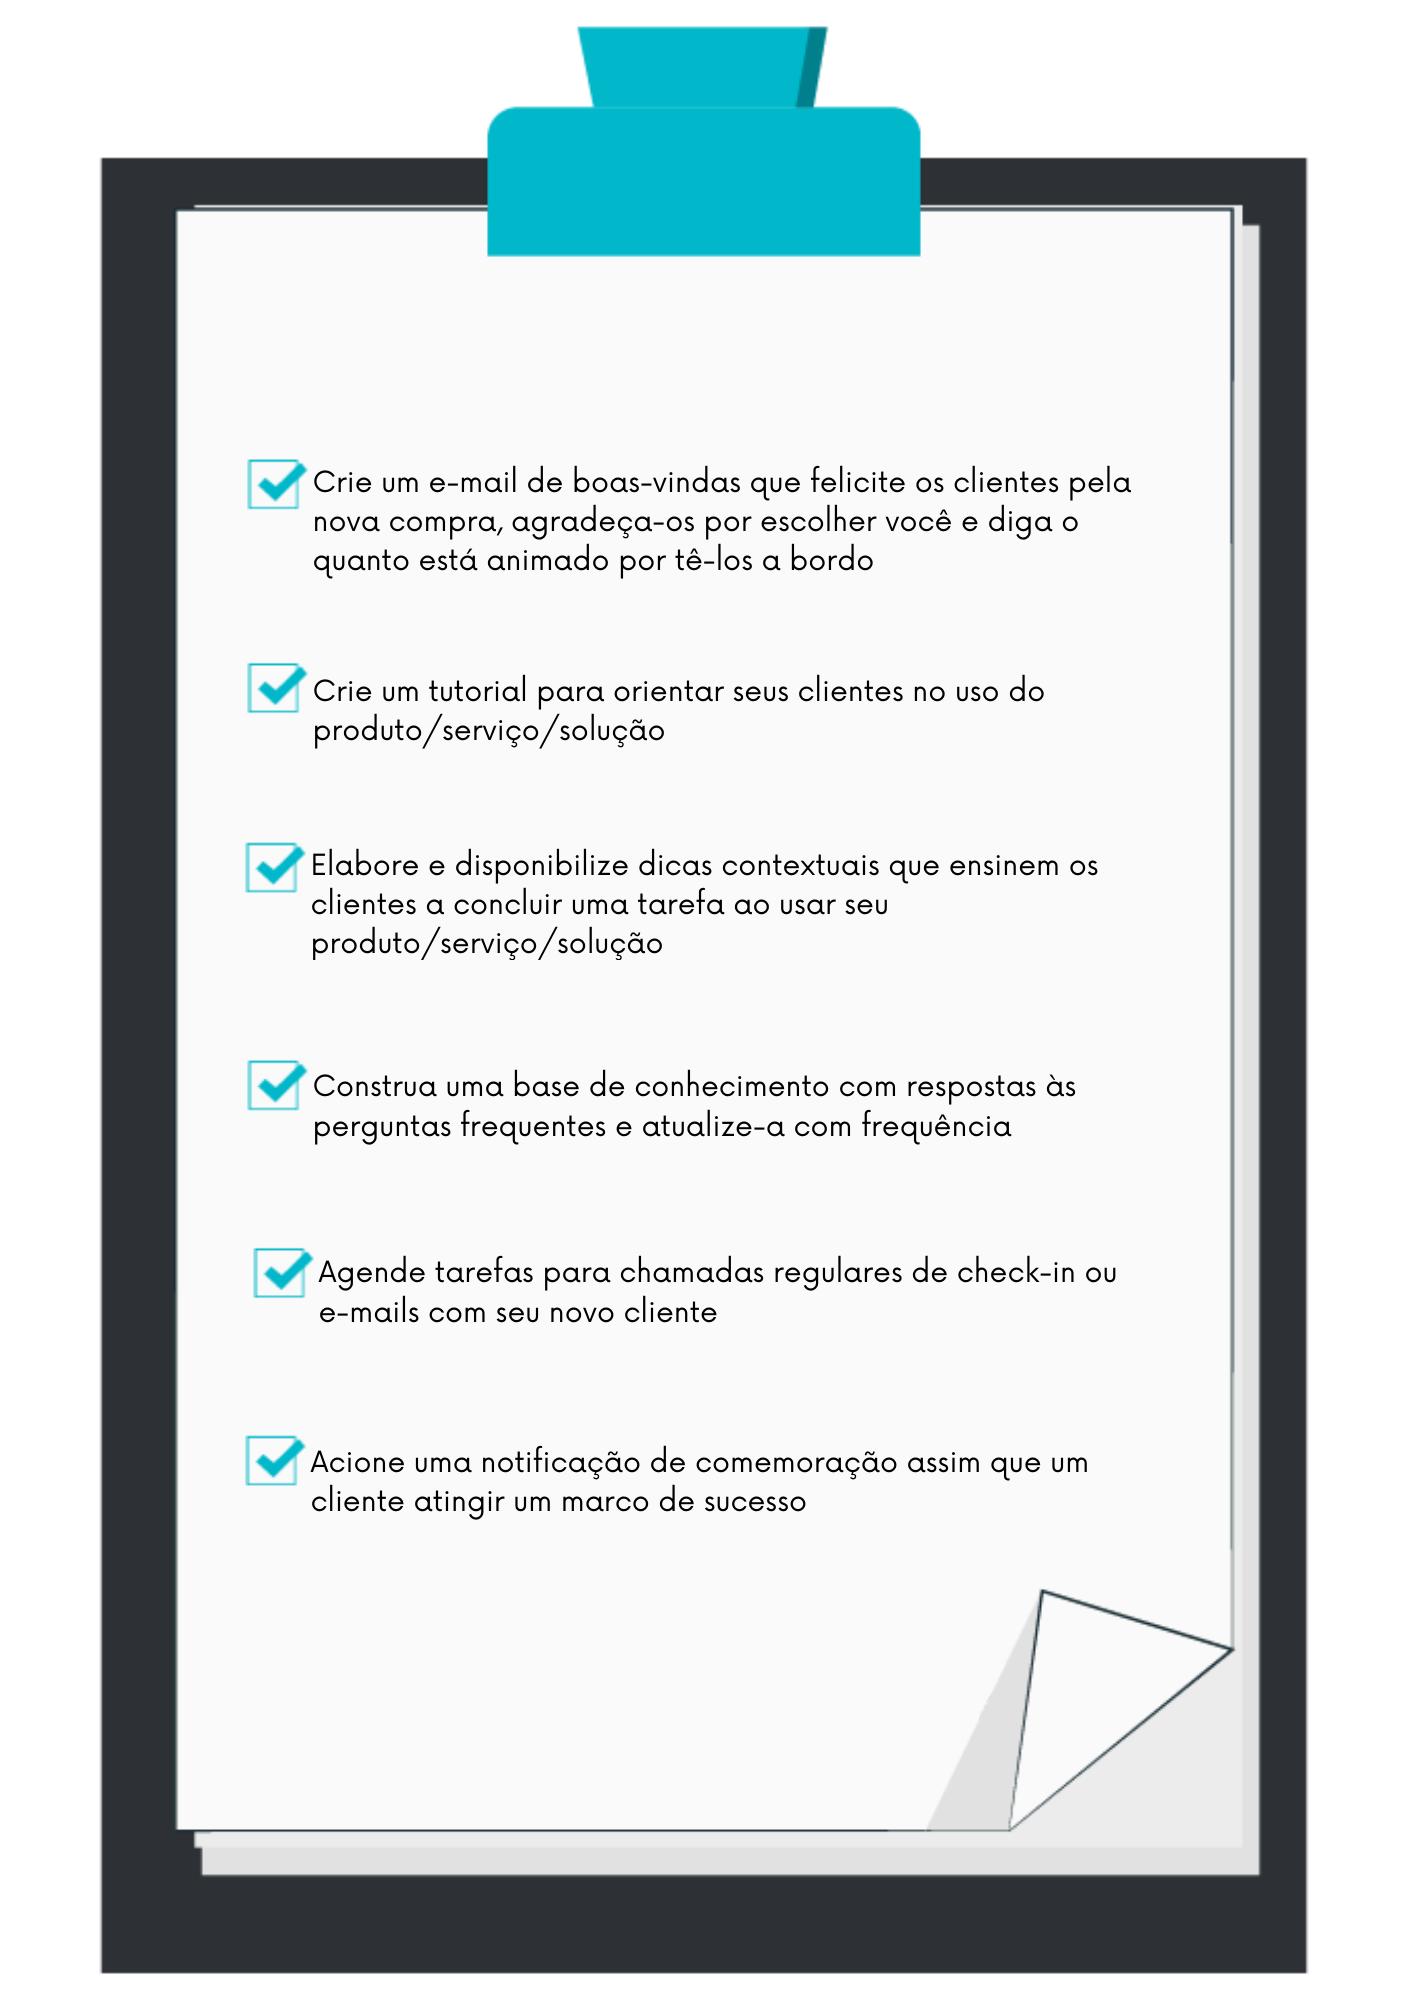 Checklist de ações para um onboarding eficiente